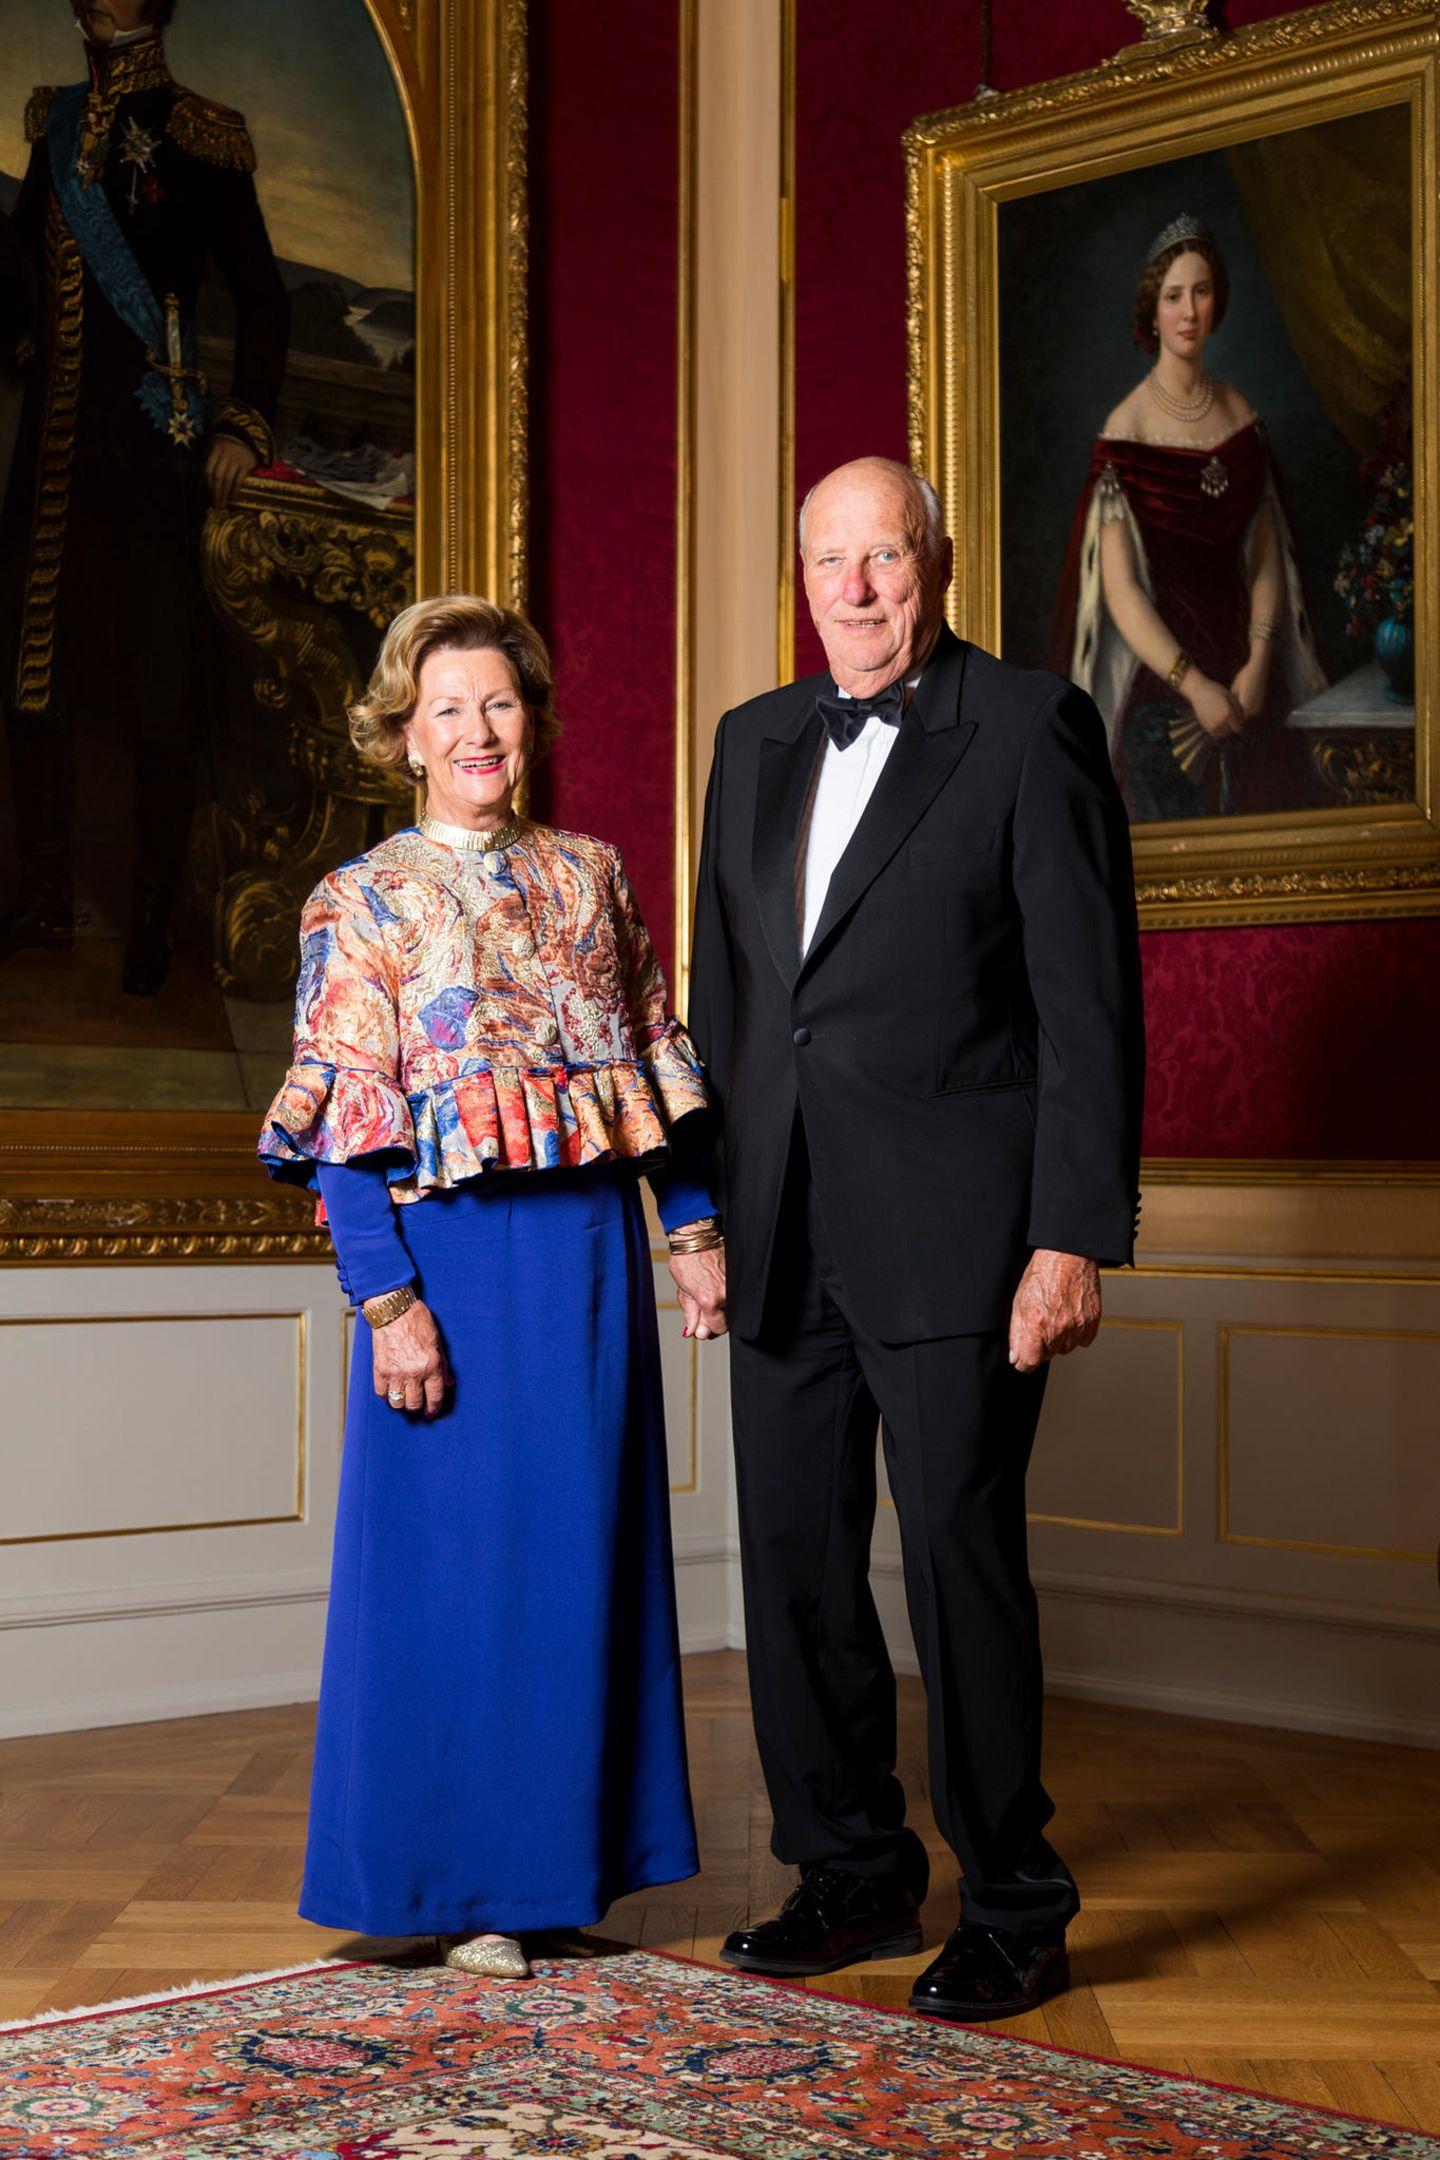 29. August 2018  Königin Sonjaund König Harald haben sich anlässlich des Fotoshootings zur Goldenen Hochzeit herausgeputzt.